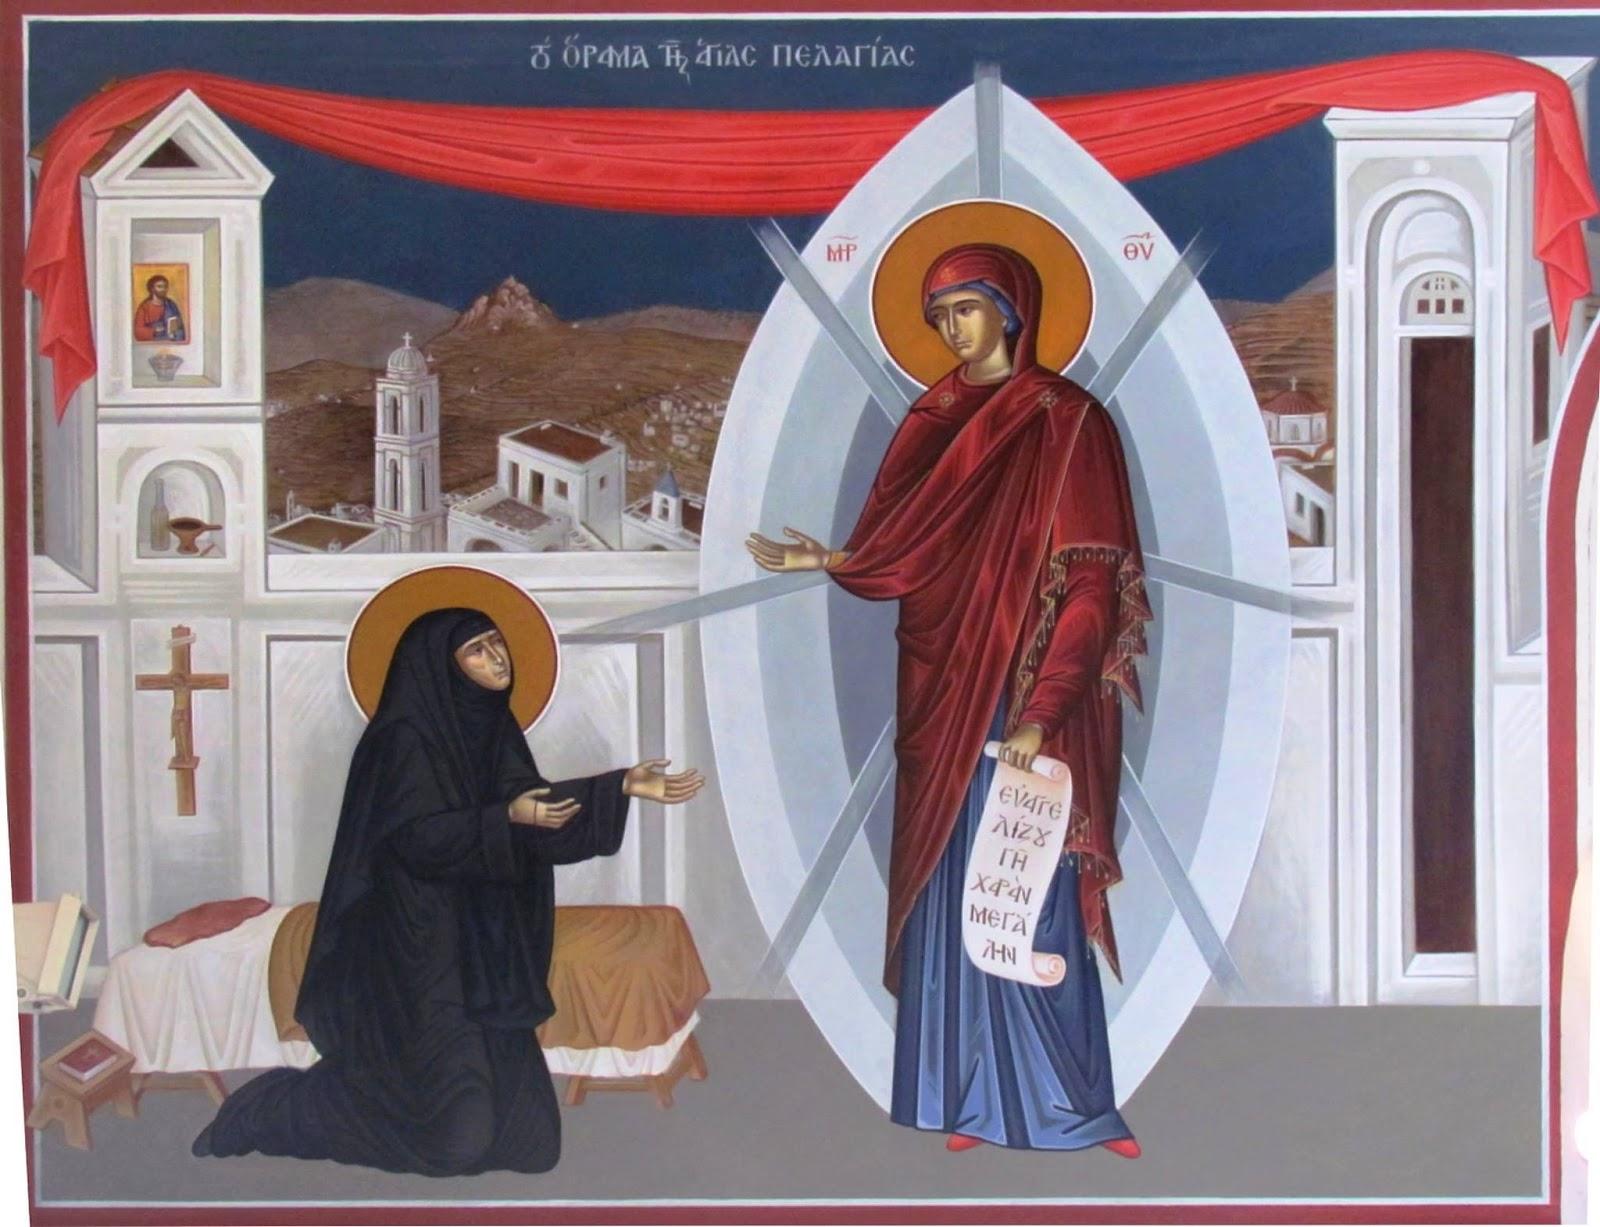 Αρμενιστής: Οσία Πελαγία η Τηνία +23 Ιουλίου το όραμα της Αγίας ...